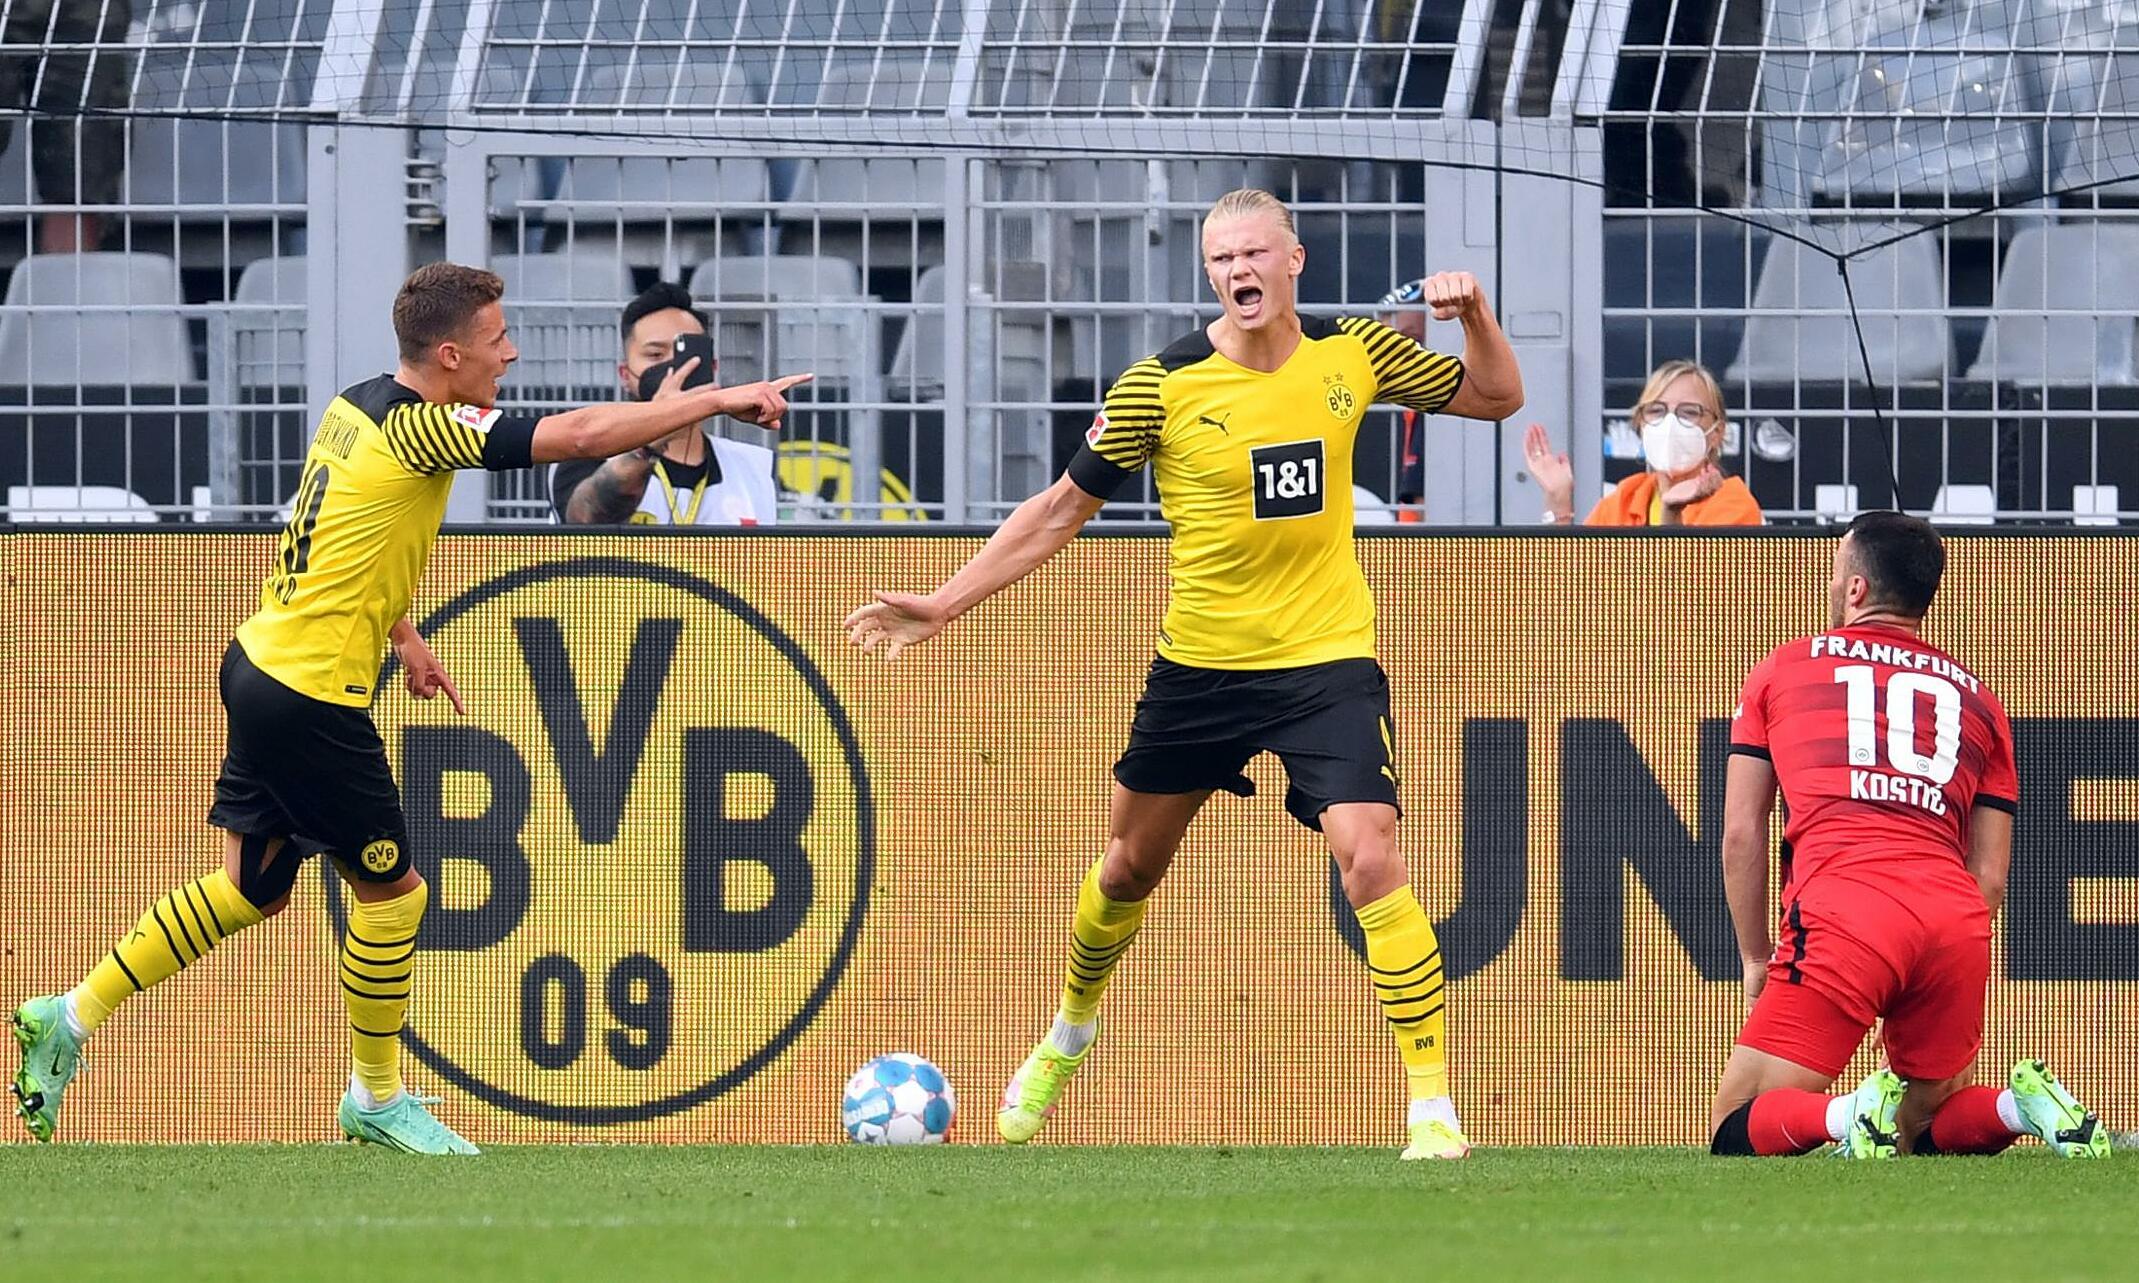 Trong hai trận đầu mùa giải 2021-2022 ở Cup Đức và Bundesliga, Haaland ghi dấu giày vào sáu bàn. Ảnh: dpa